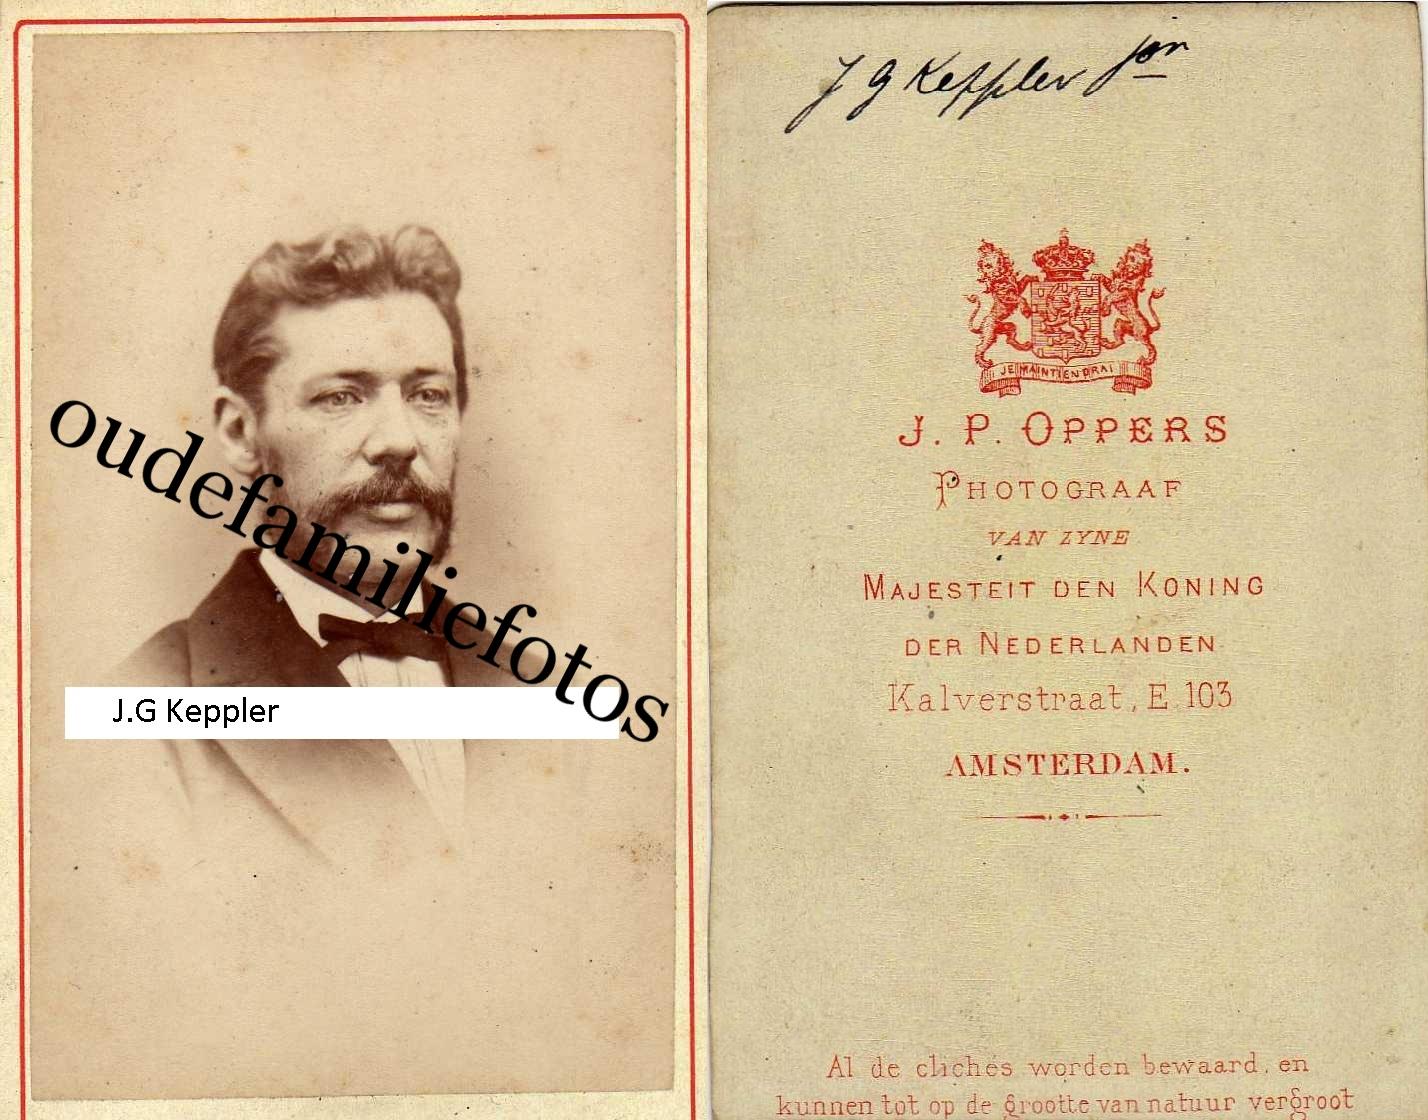 Keppler, Johan Georg. geb. 15-11-1839 A'dam ovl. 13-10-1891 Den-Haag. getrouwd met Maria Ch. Lugt. € 3,50